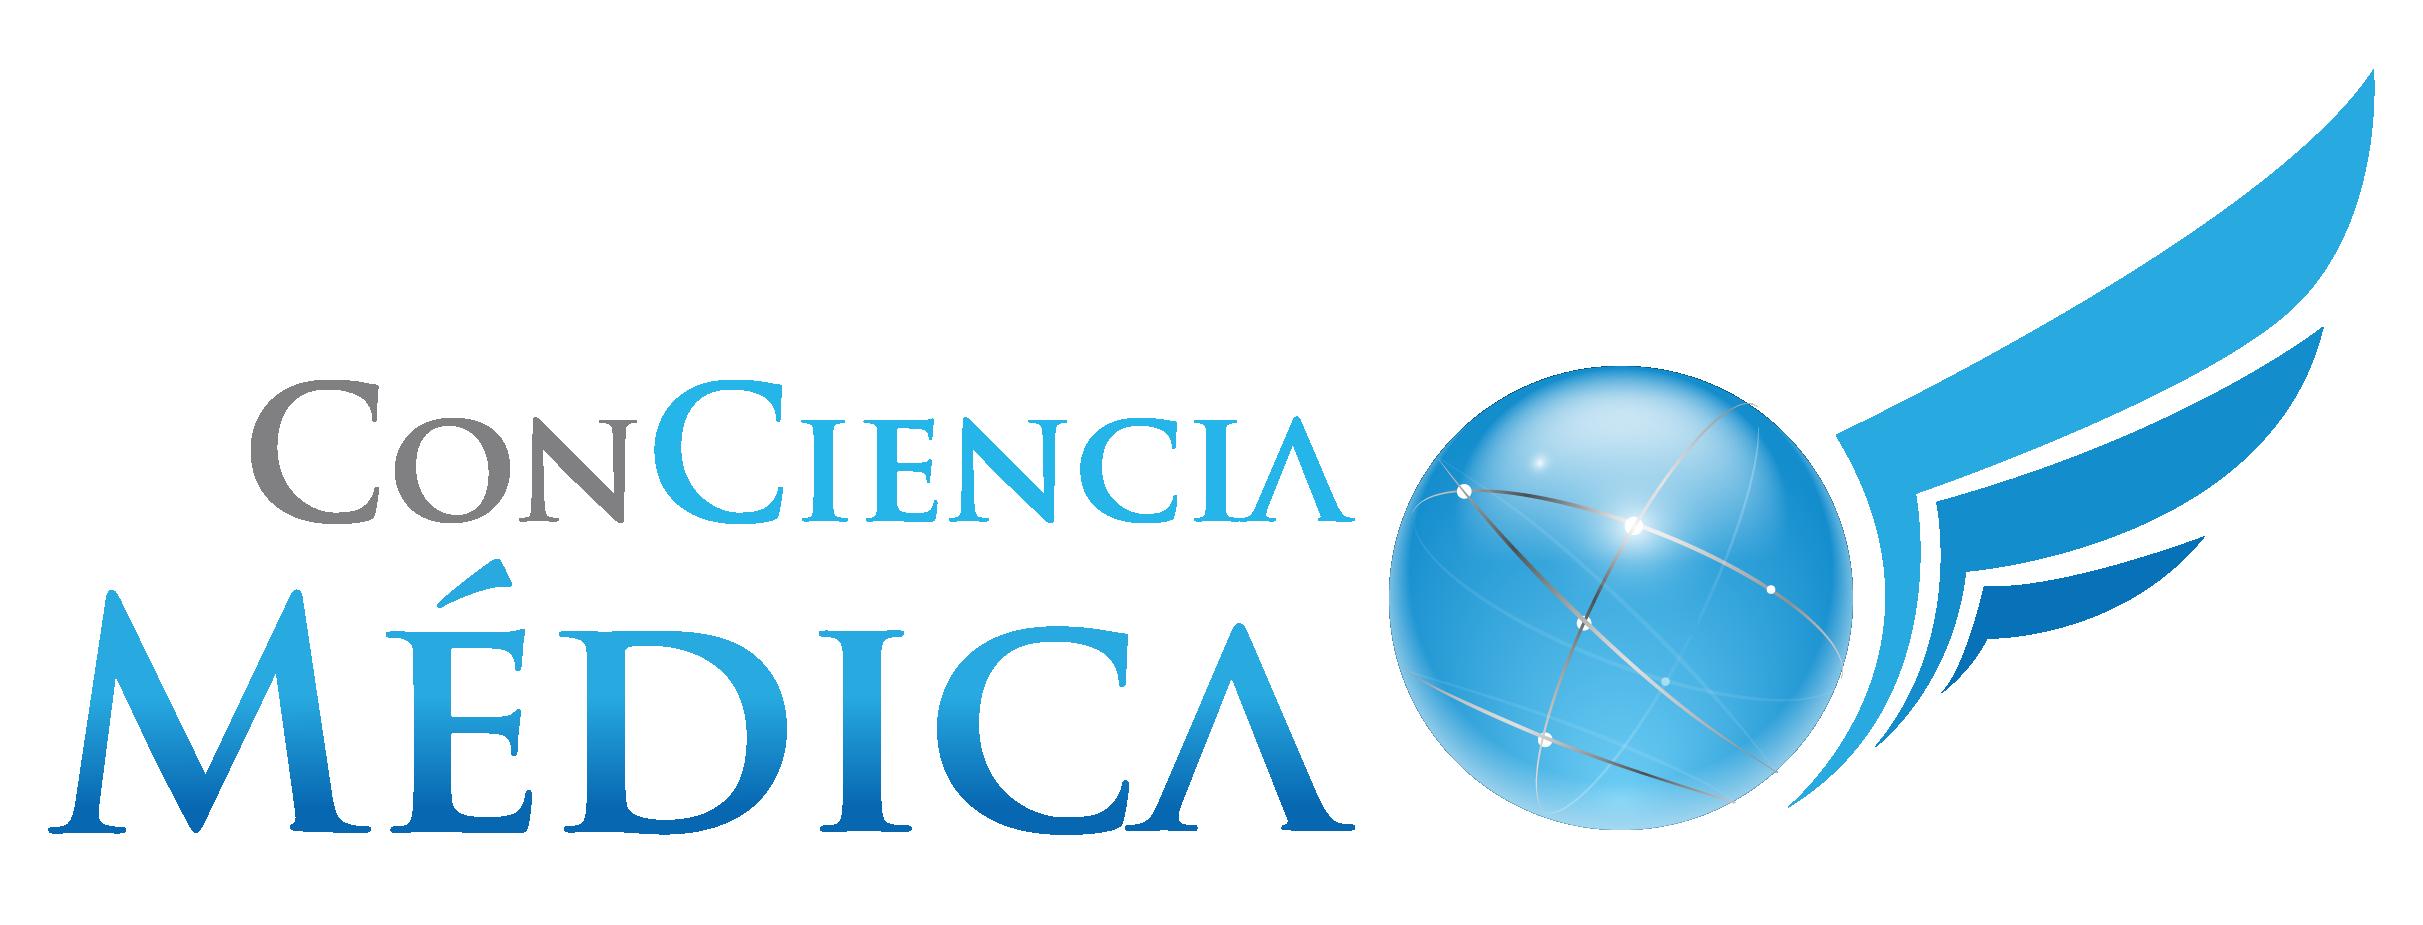 ConCiencia_Médica